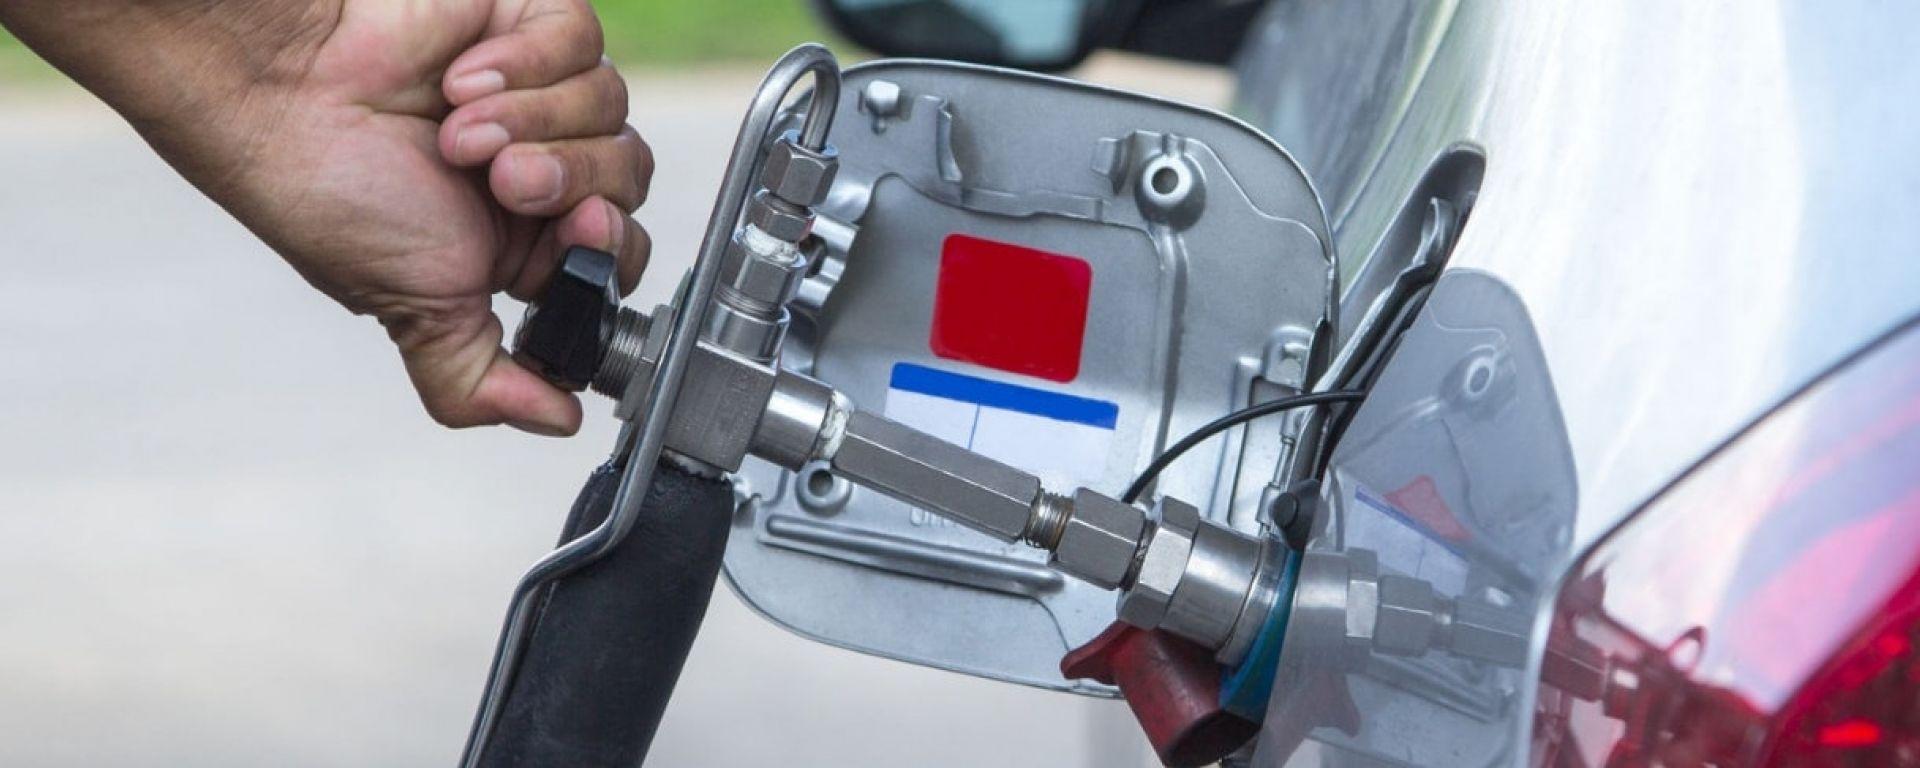 Auto a metano, via libera da aprile 2019 al rifornimento self service